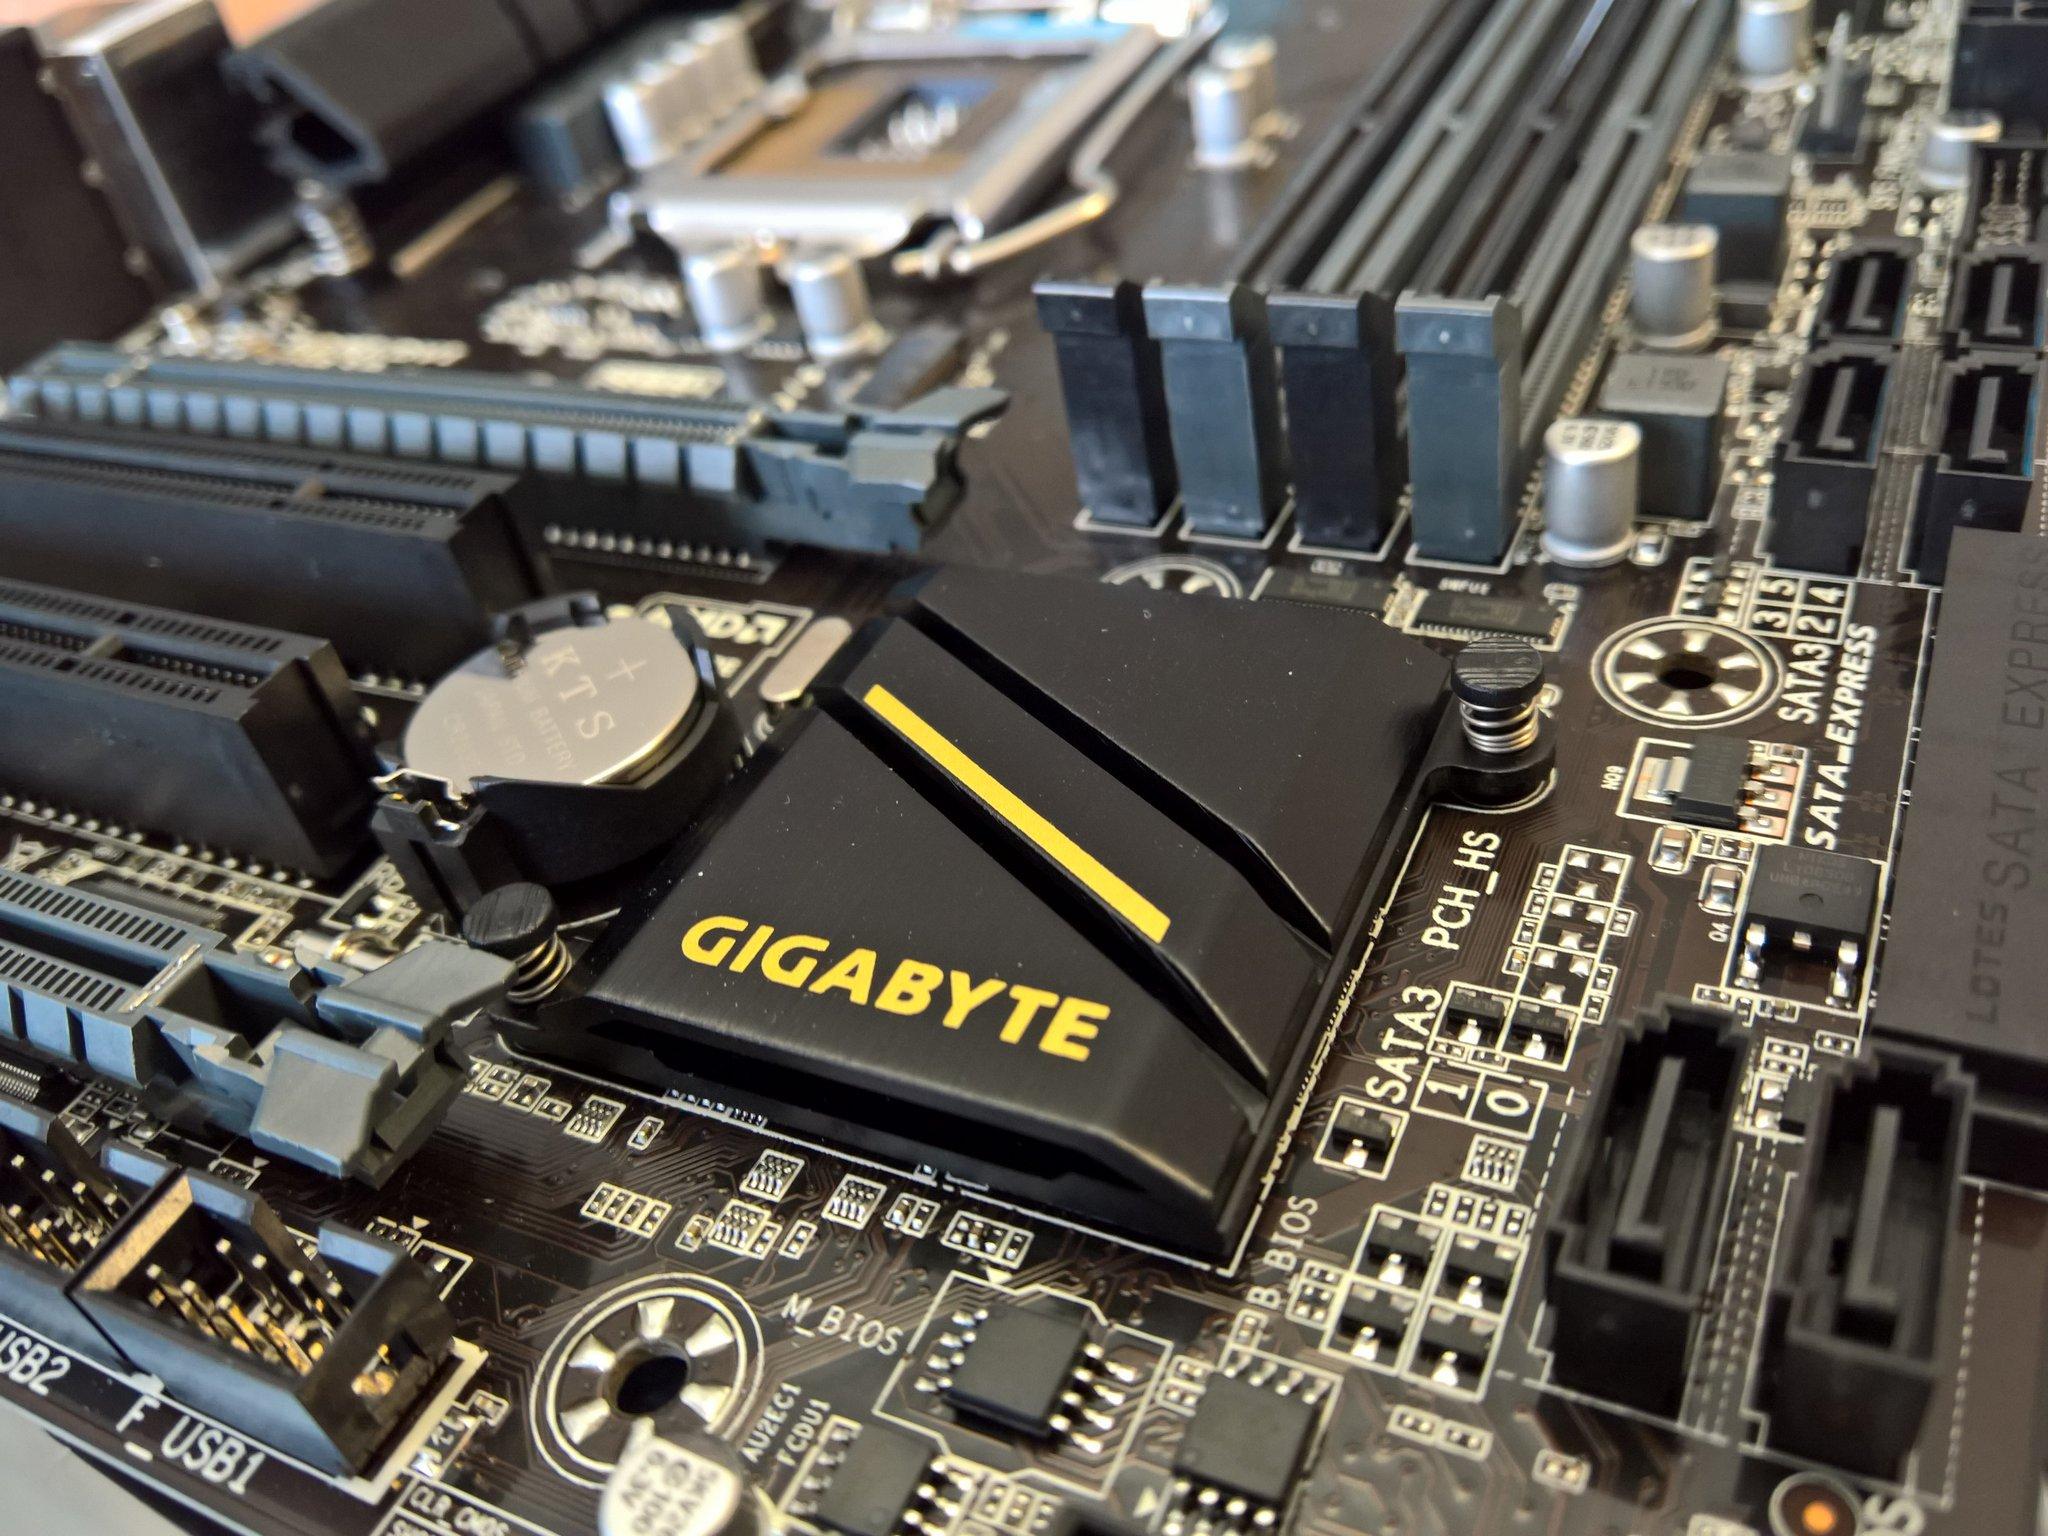 Gigabyte GA-B150M-DS3H Intel RST Driver for Windows 10